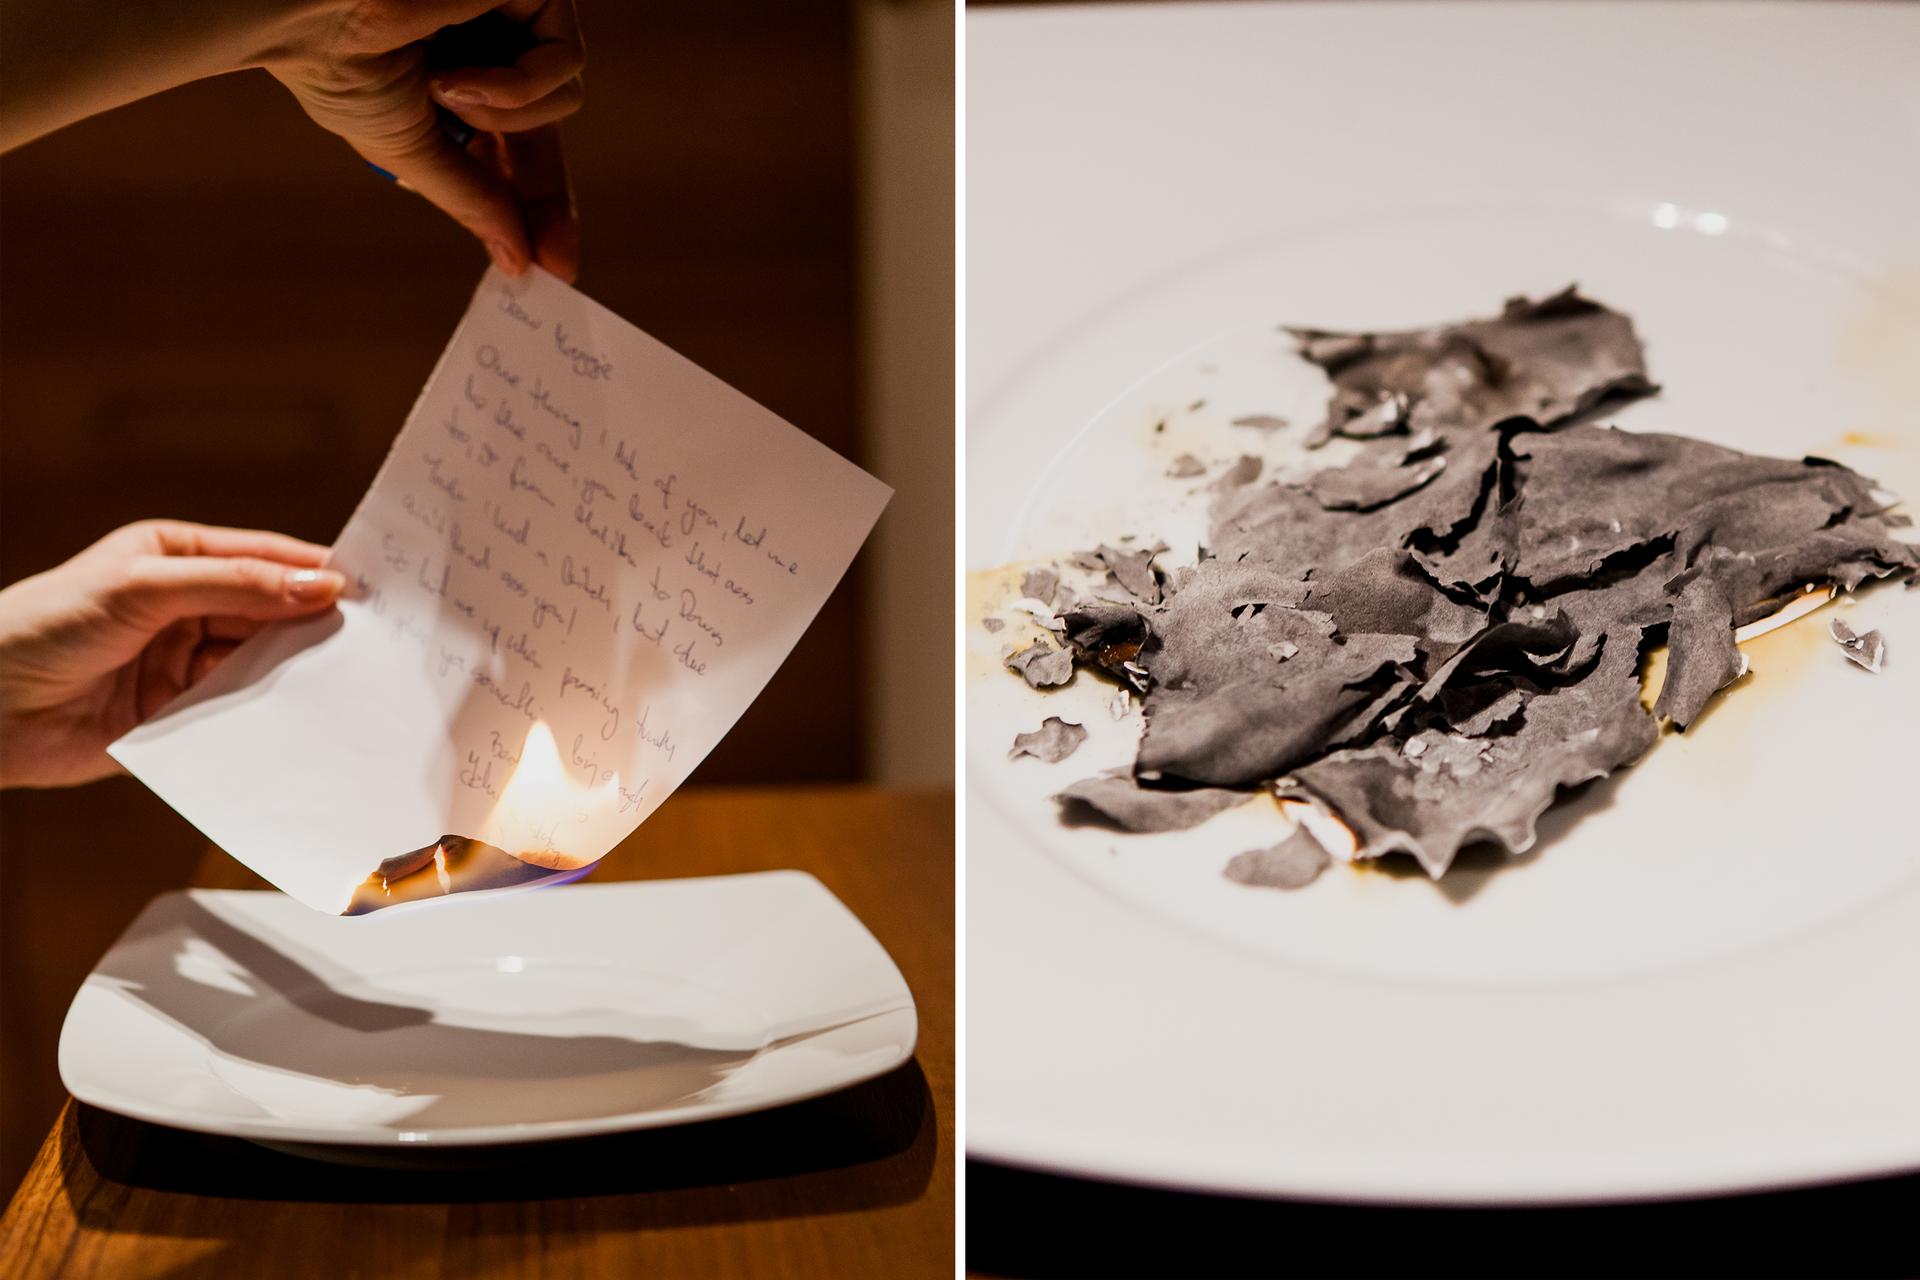 Ilustracja prezentuje dwa zdjęcia umieszczone obok siebie. Lewe przedstawia dłonie osoby palącej list nad porcelanowym talerzykiem. Na prawym pokazywane są wzbliżeniu spalone, kompletnie poczerniałe inierozpoznawalne skrawki papieru.